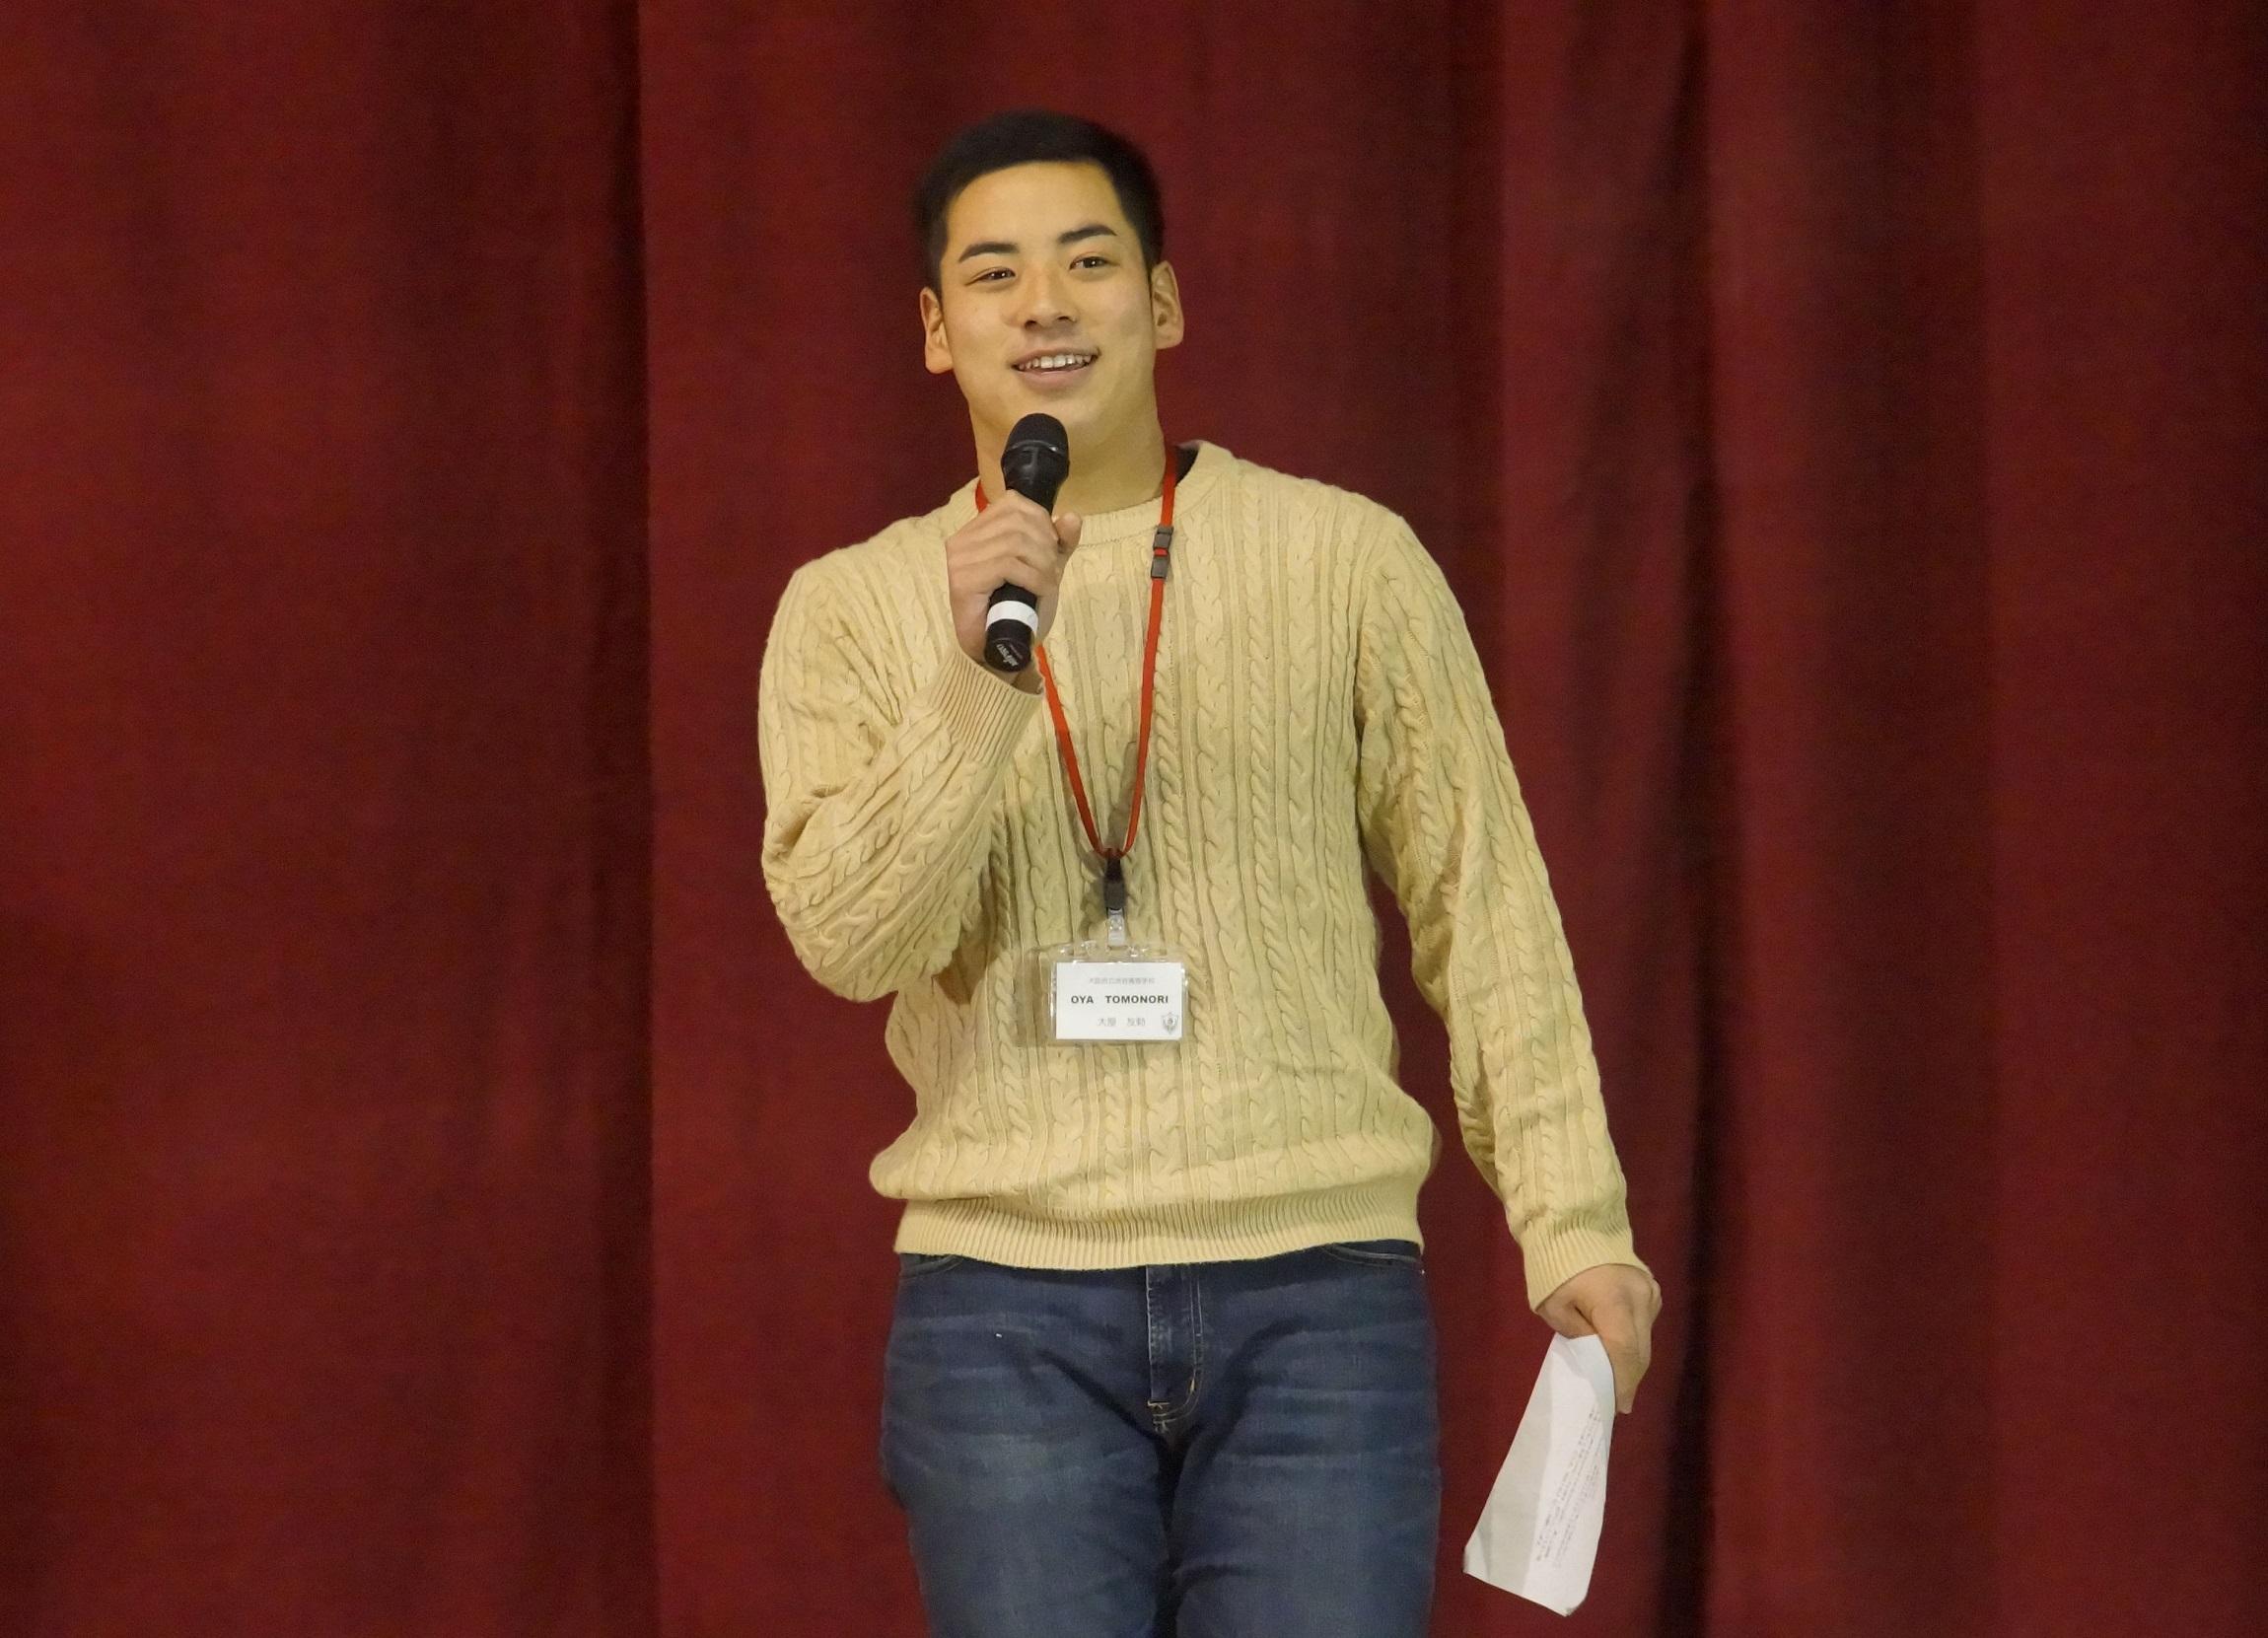 日本涉谷高校學生代表大屋友勅同學說,他升上高中之後,一直期待能到台灣的學校進行修學旅行,非常感謝聖約大成為該校的姊妹校,並給予熱忱的接待